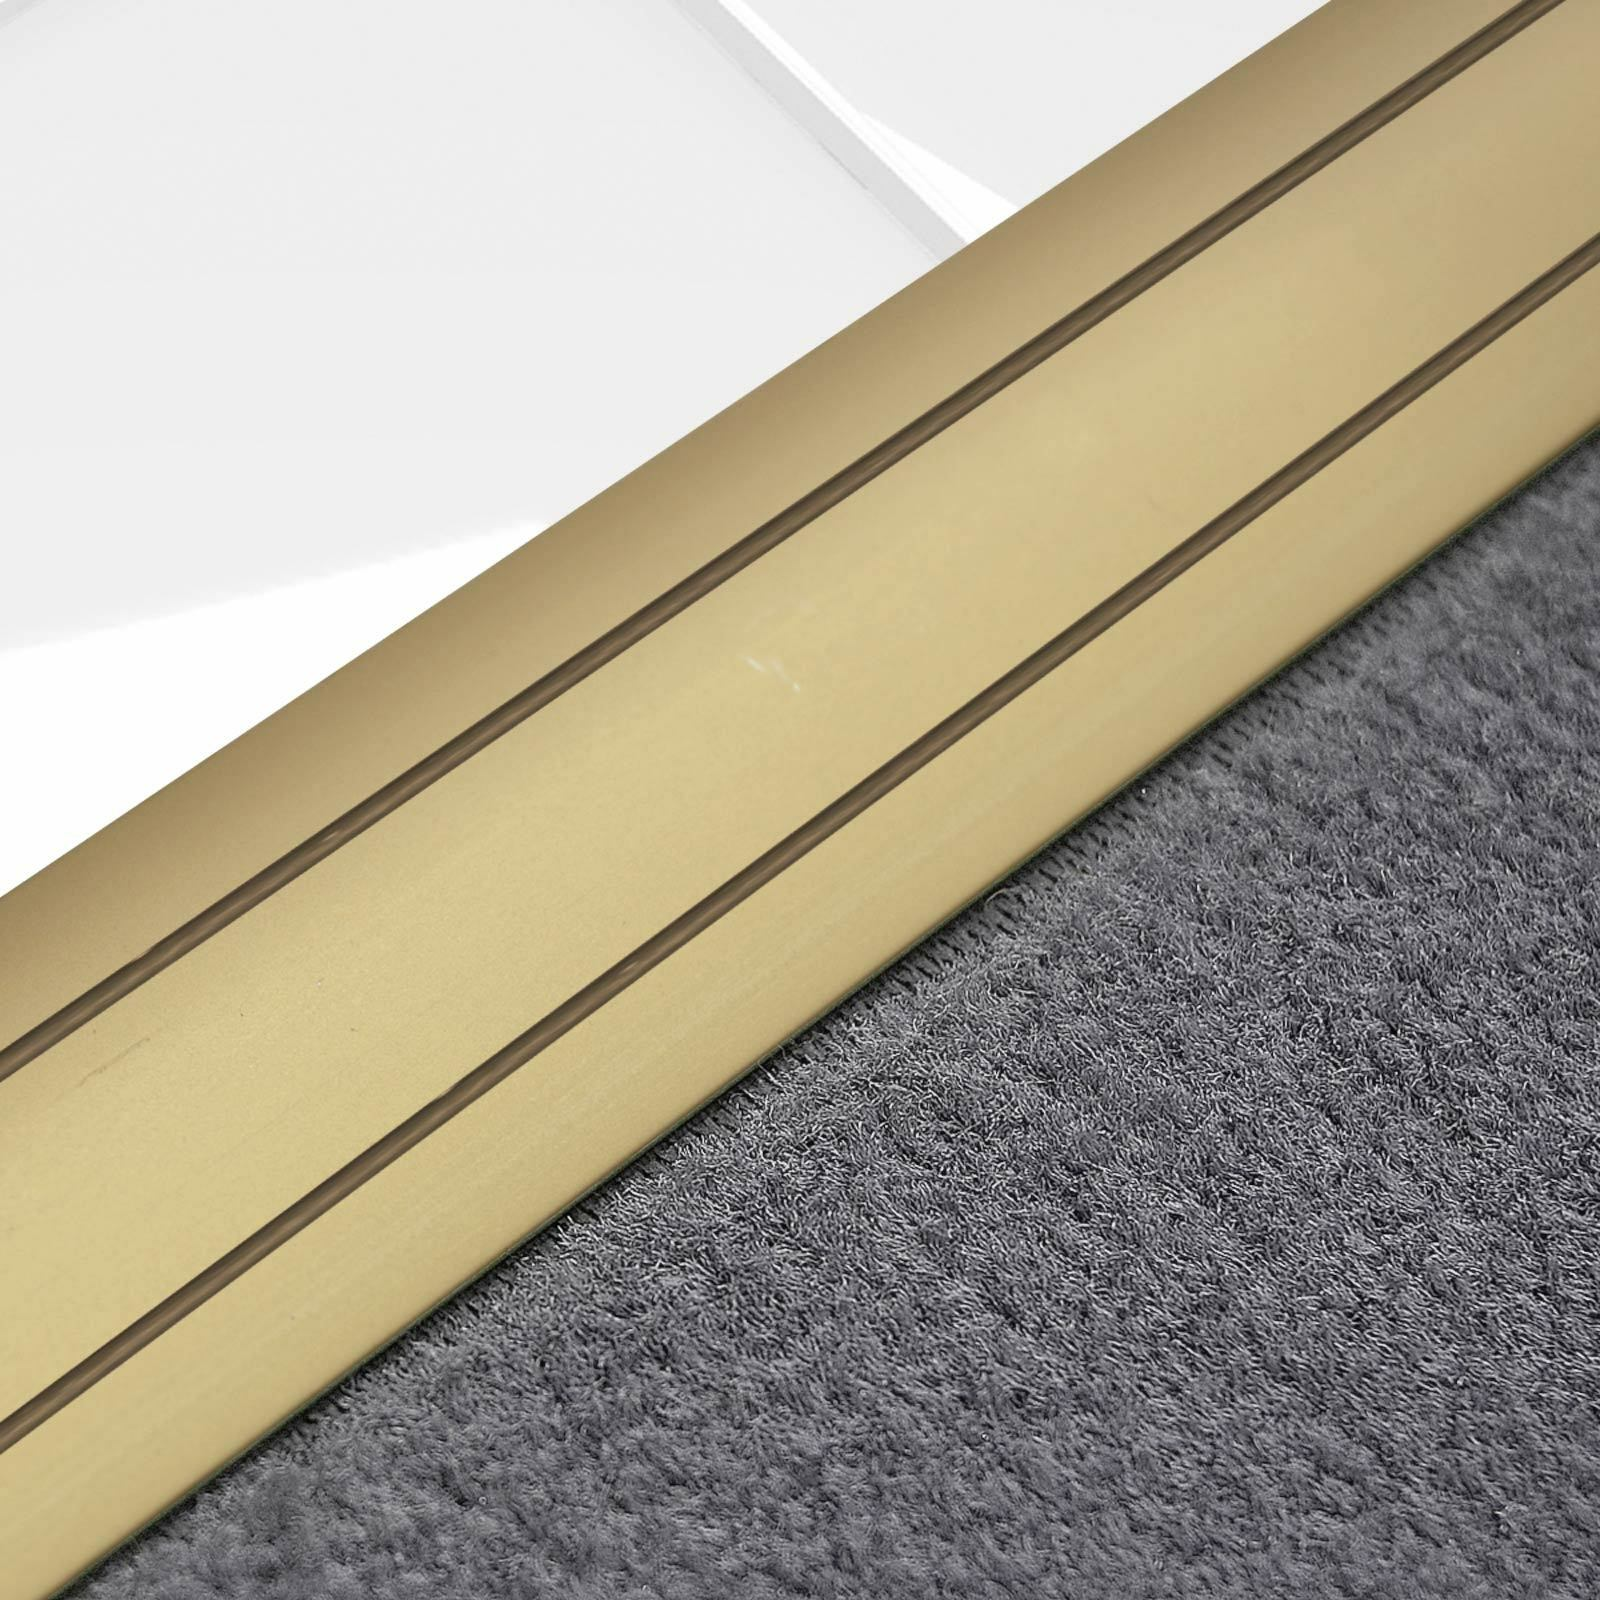 Alu Übergangsprofil Teppichschiene Schweller Laminat Parkett Profil flach 36mm  Gold